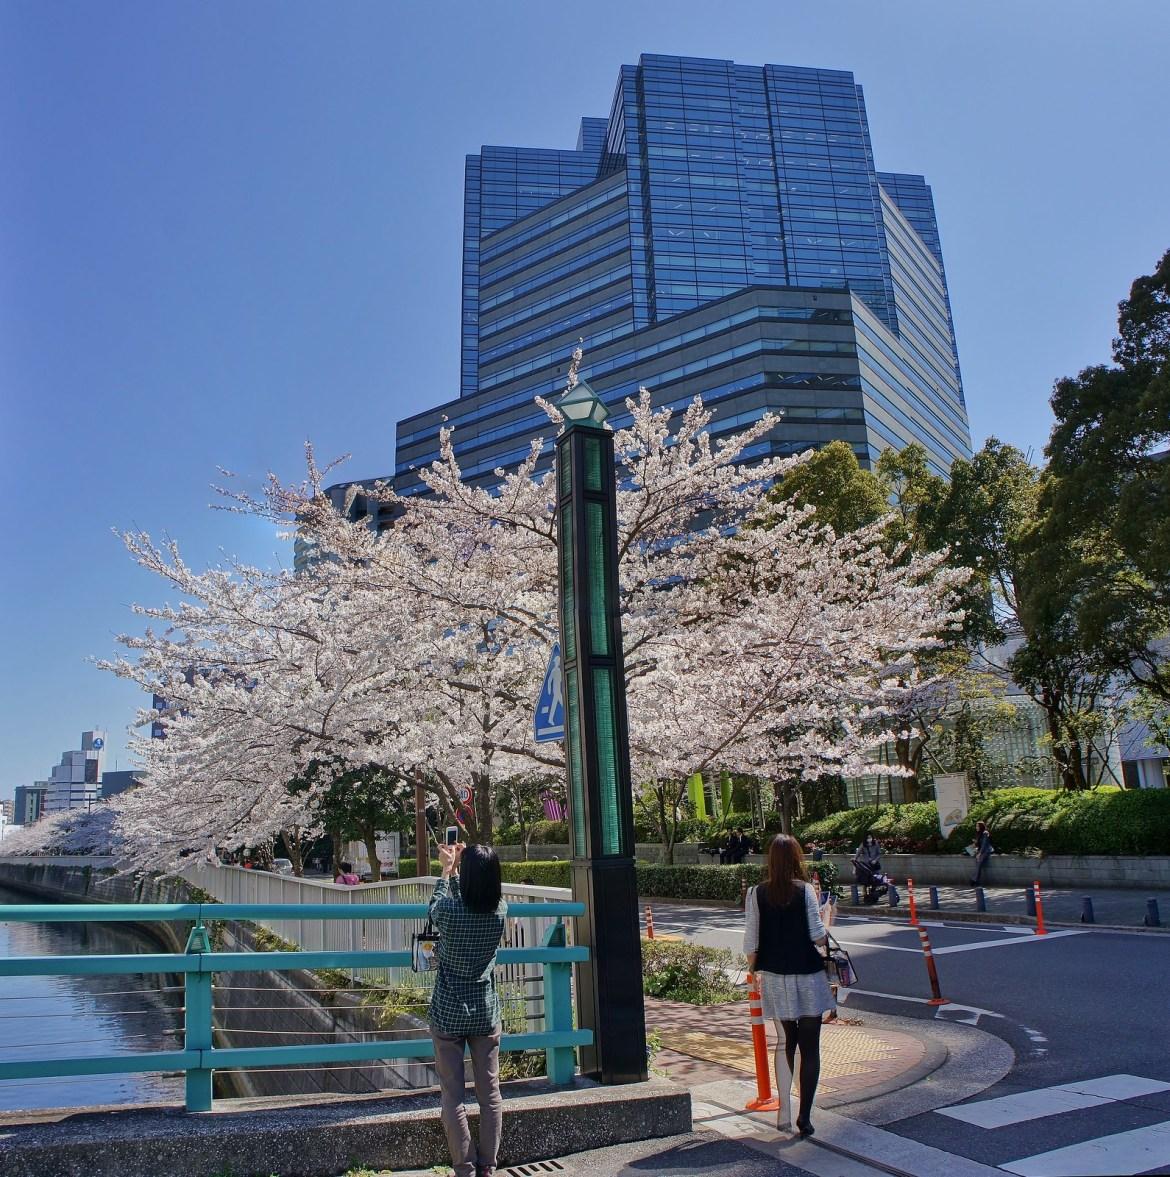 Osaki Gate City Sakura 2014 (Cherry Blossoms)